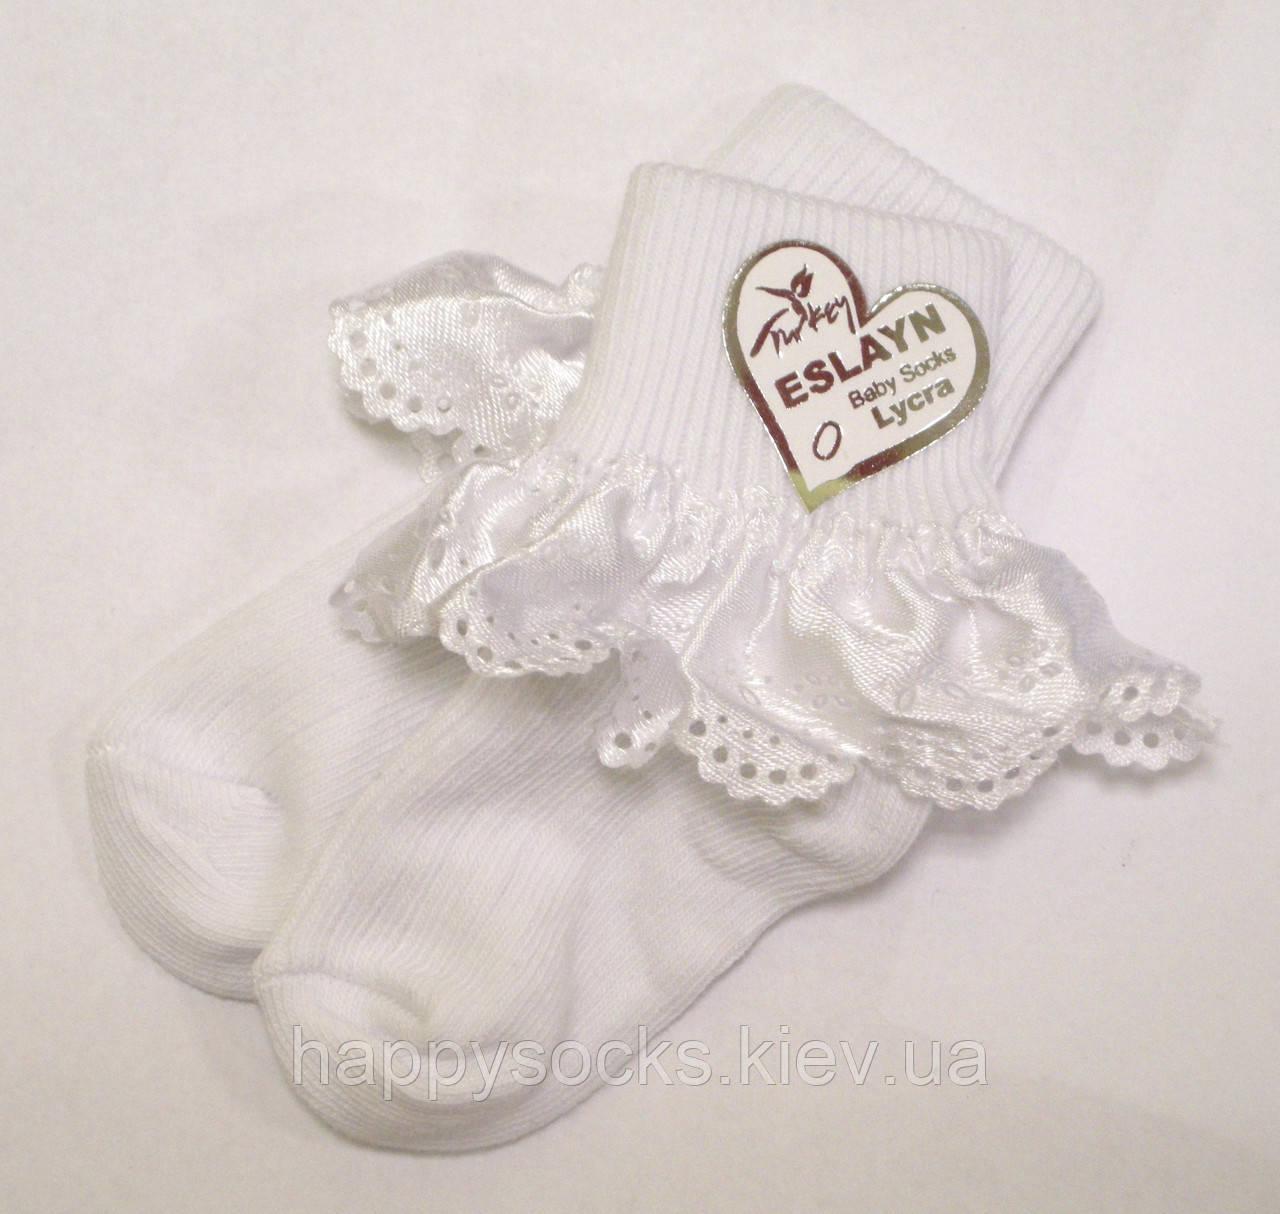 Носочки для новорожденных с рюшем белого цвета